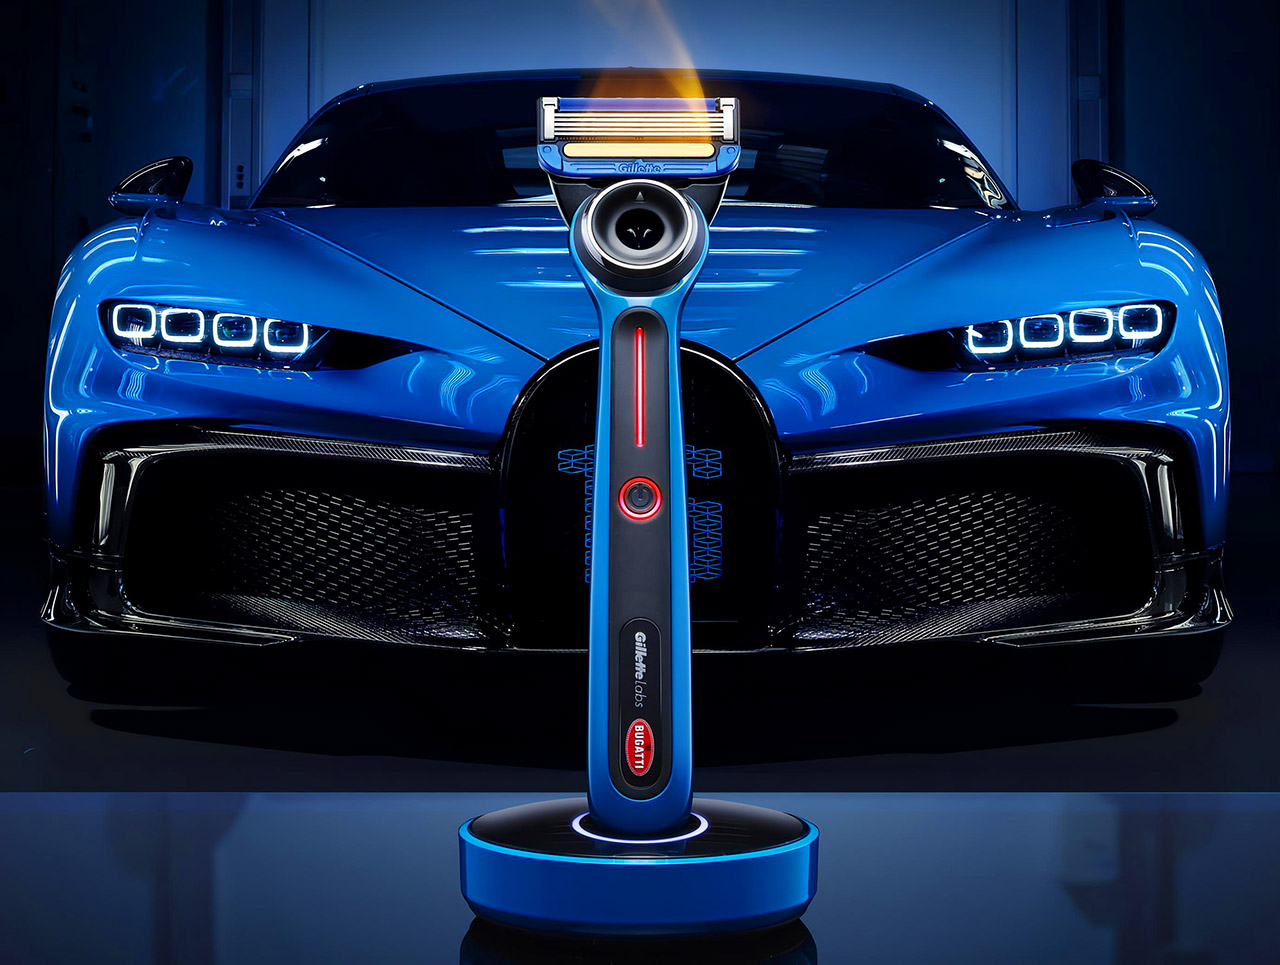 Bugatti Gillette Special Edition Heated Razor